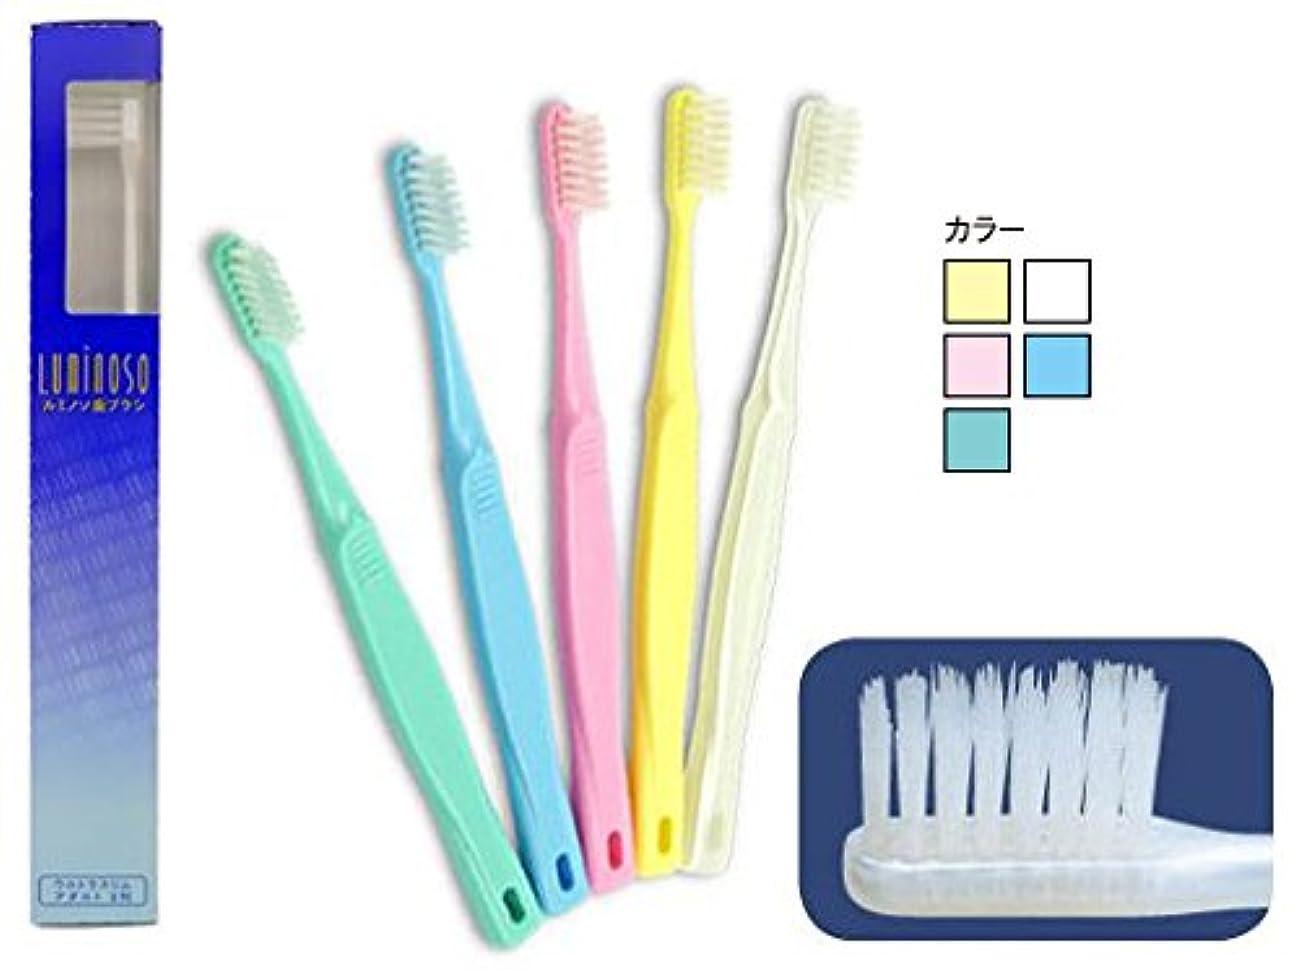 ラフト伝染性苦悩ルミノソ 歯ブラシ ウルトラスリム アダルト 3列 3本 (カラー指定不可)